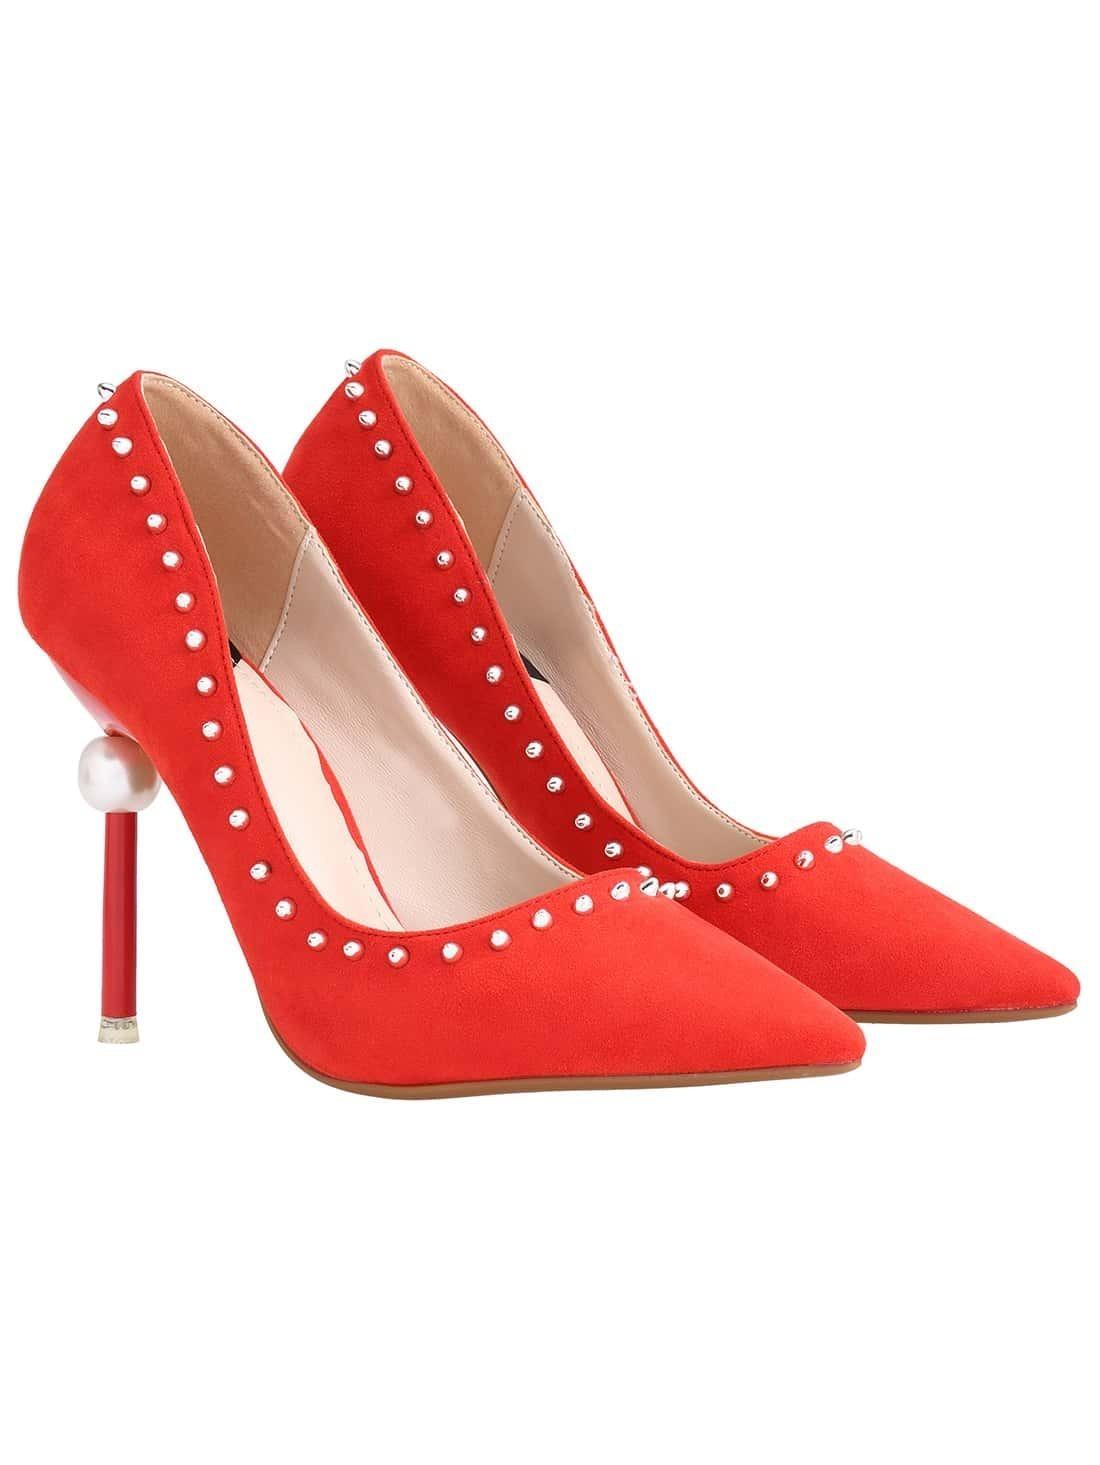 shoes-pumps- red pumps